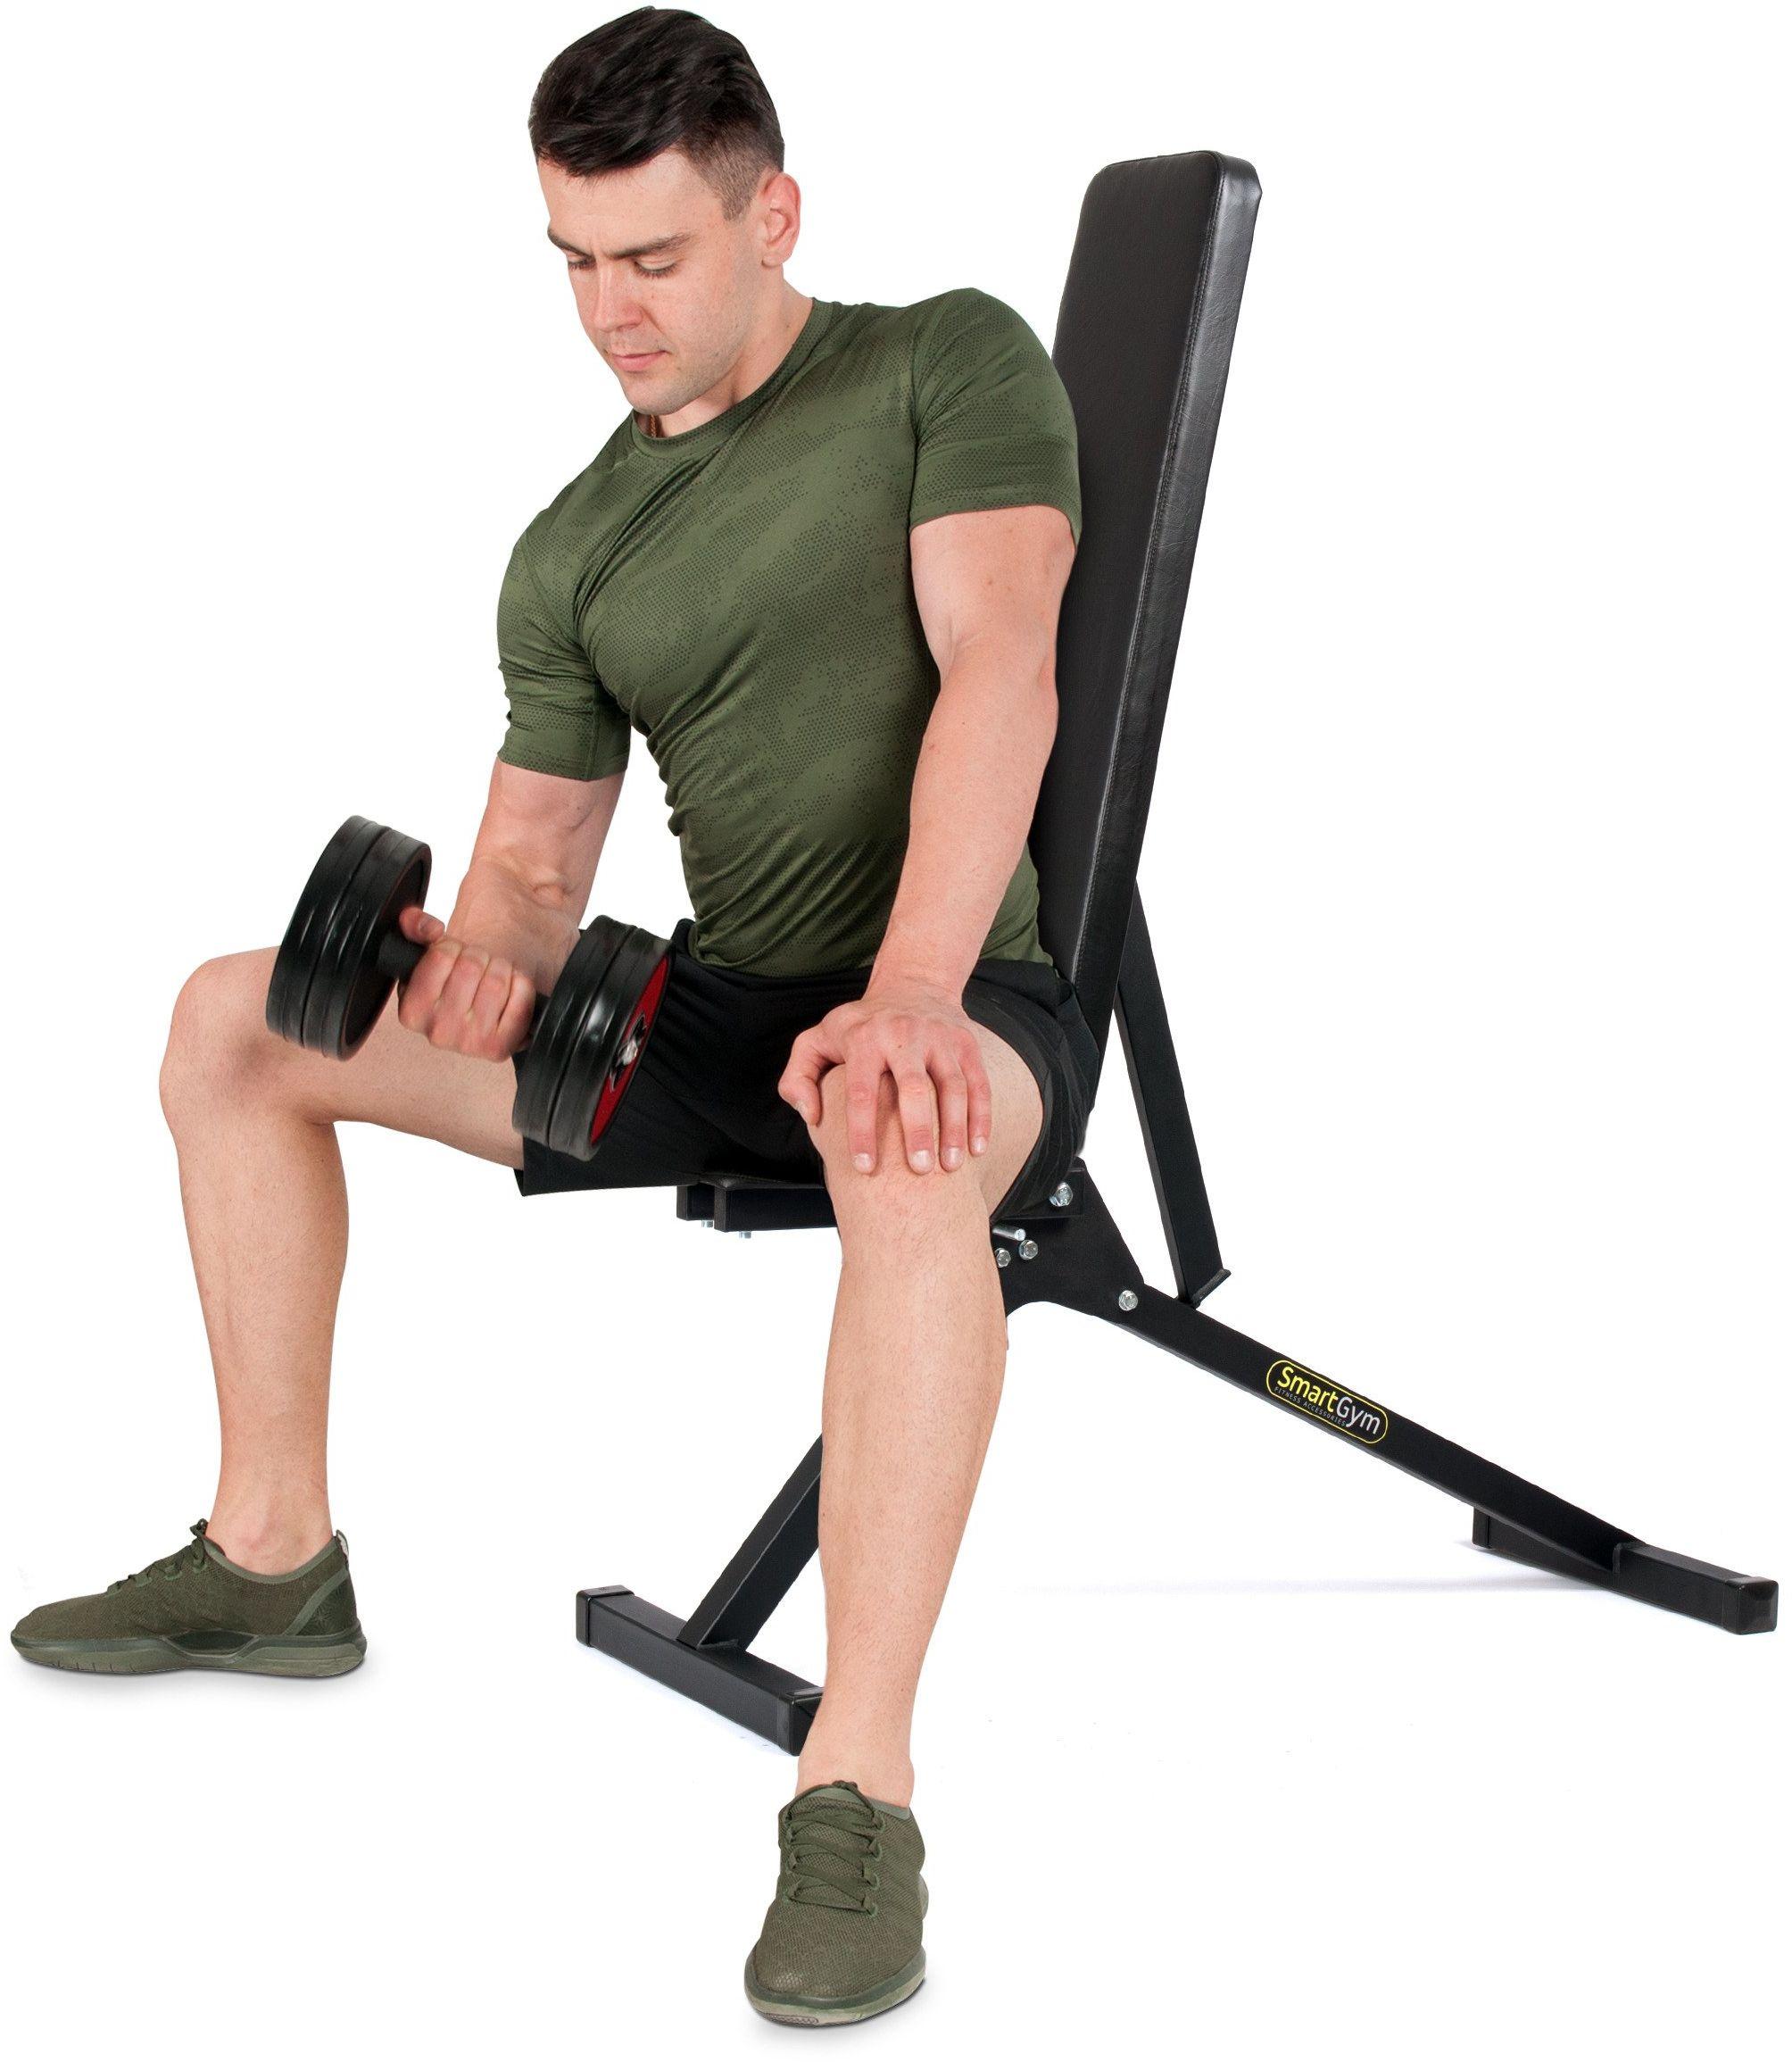 Ławka do ćwiczeń SG-11 - SmartGym Fitness Accessories